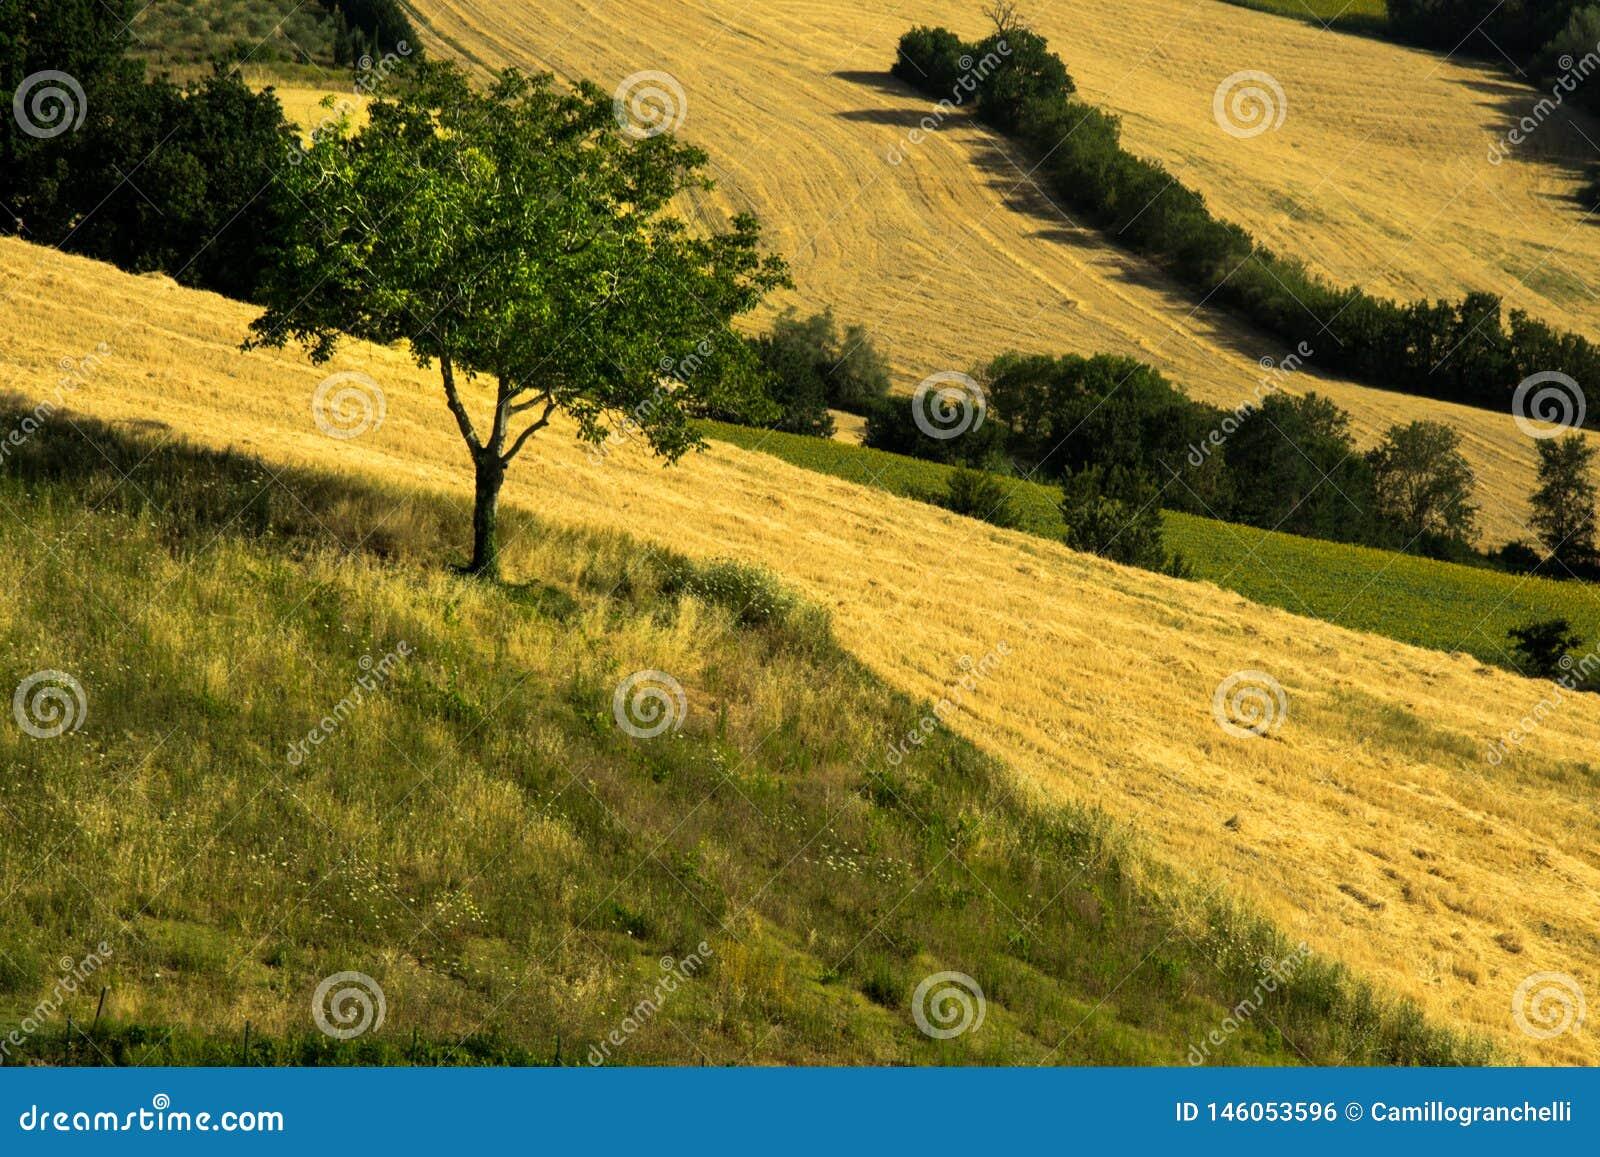 Les champs agricoles ont cultivé et ont labouré avec des secteurs de vert et de jaune